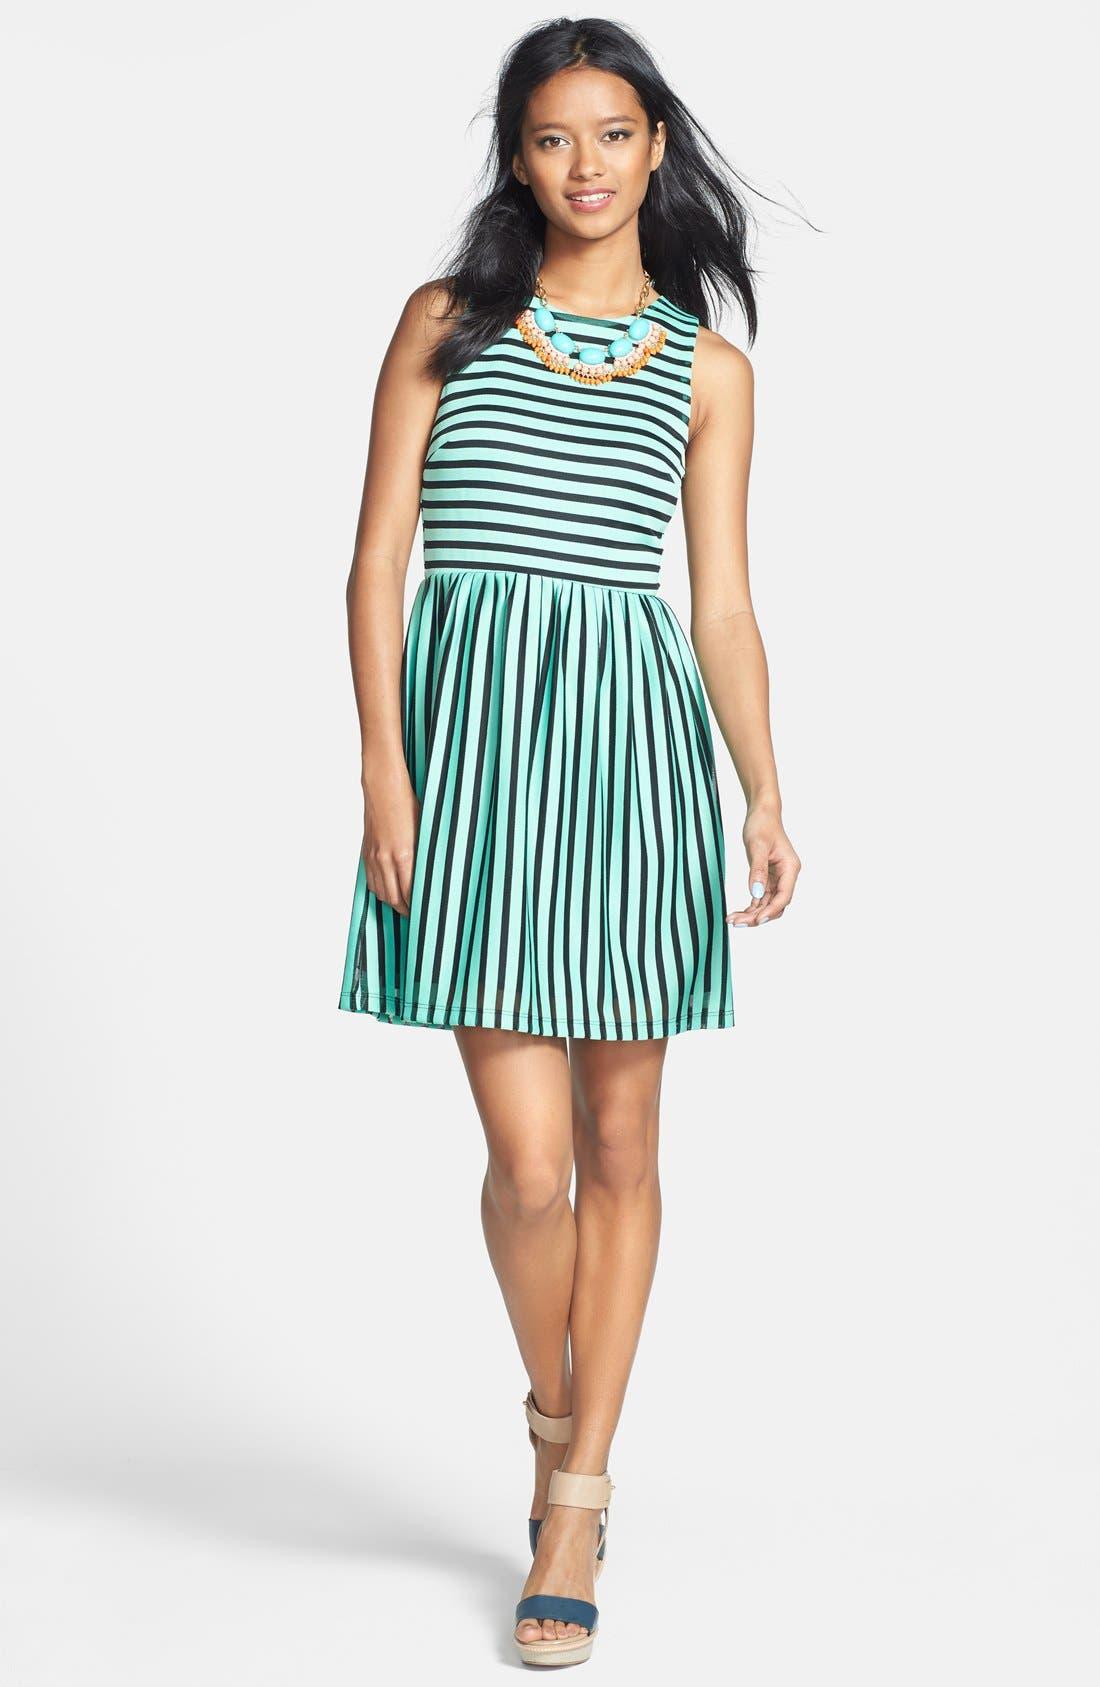 Alternate Image 1 Selected - Everly Stripe Skater Dress (Juniors)